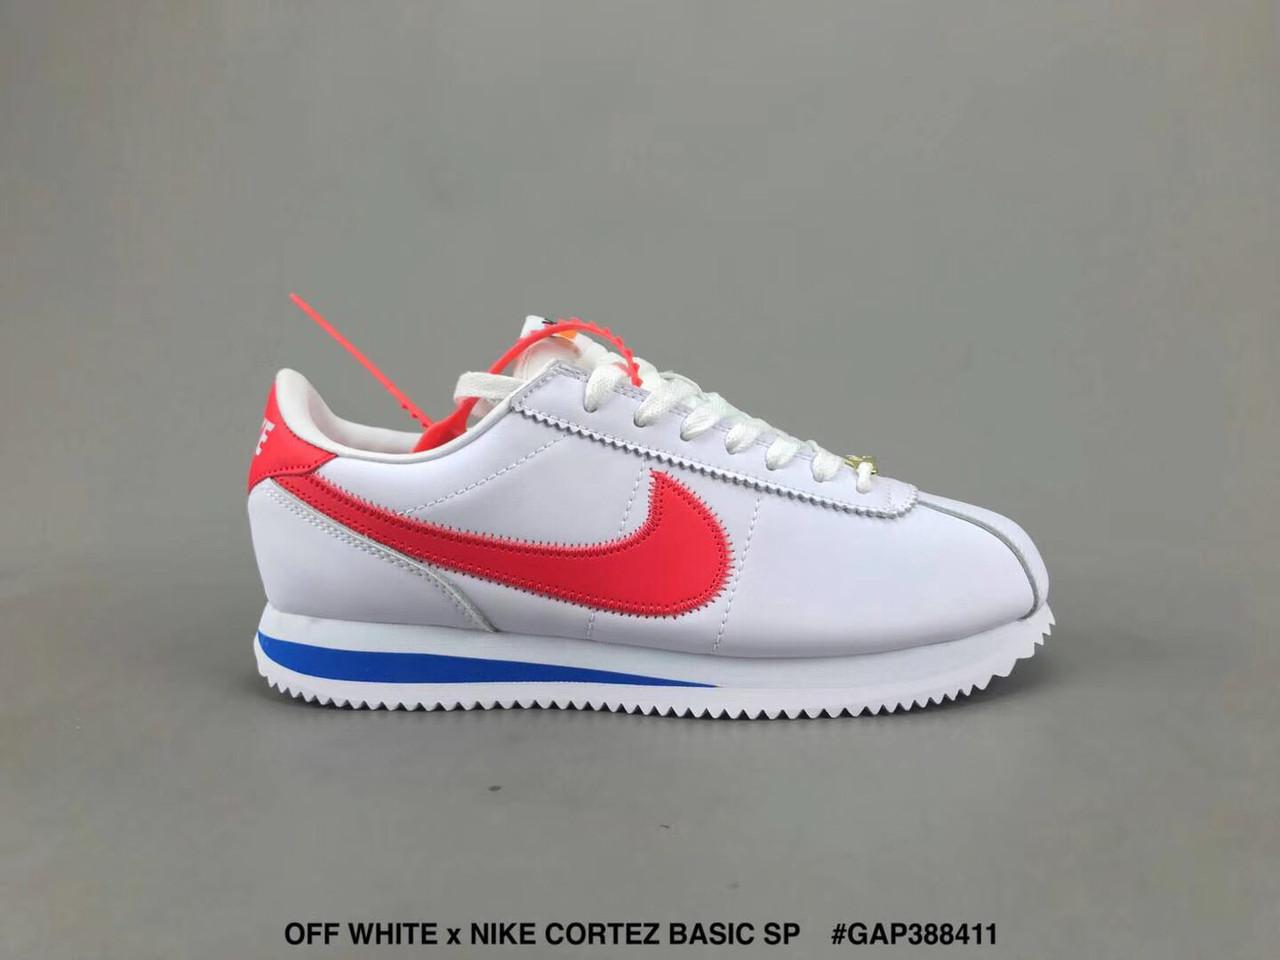 7bafdc2d464 Кроссовки Nike Cortez х Off White найк мужские женские реплика -  Интернет-магазин кроссовок